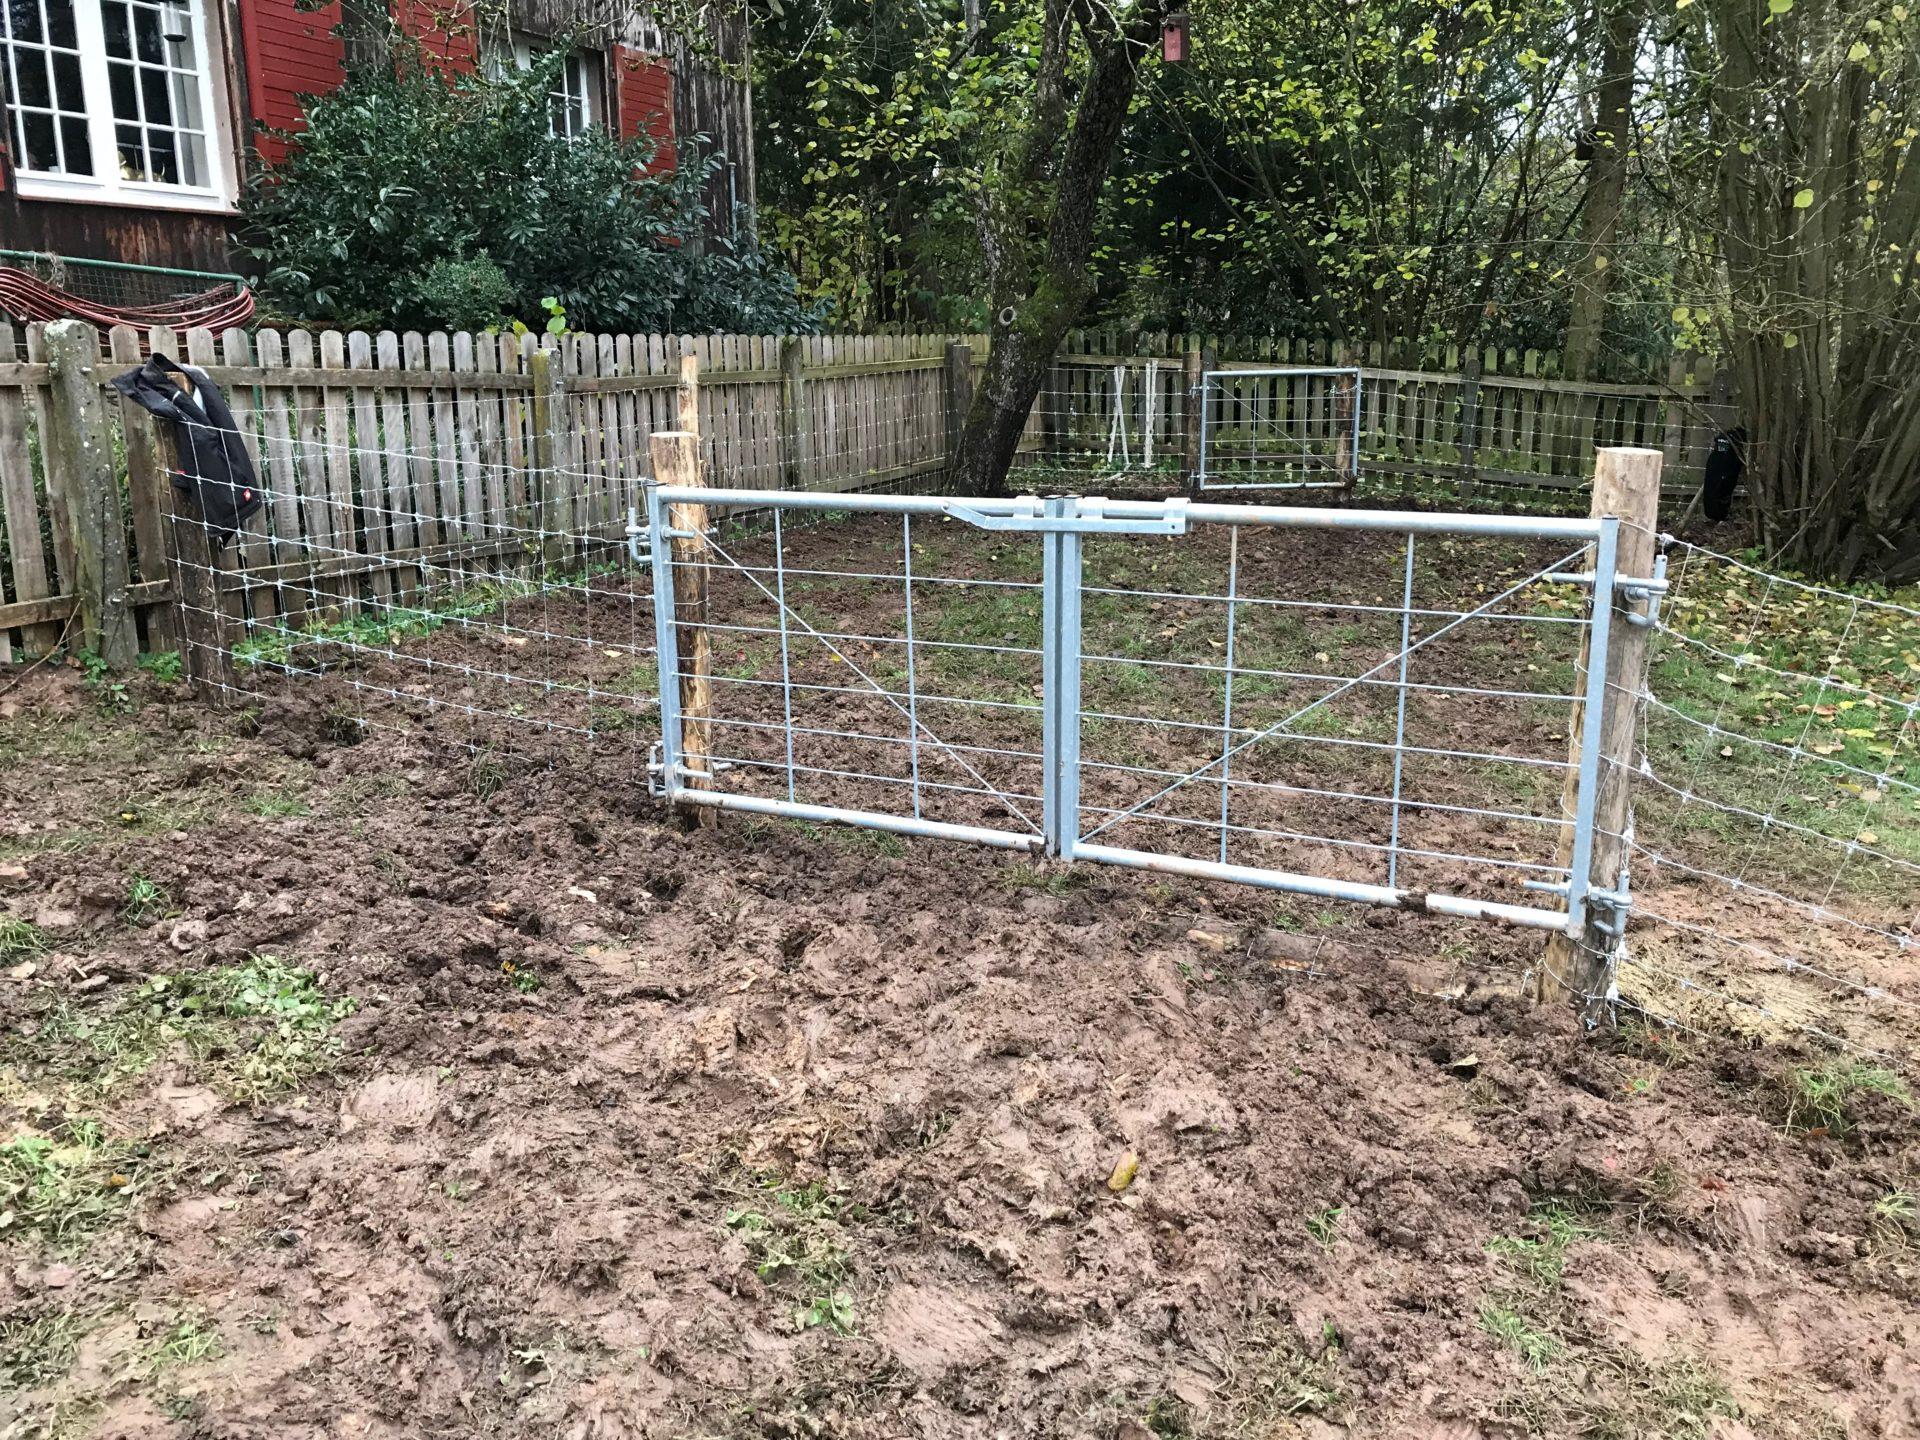 ASP Schweinepest Zaunmaterial Untergrabschutz Schweinehaltung Freiland